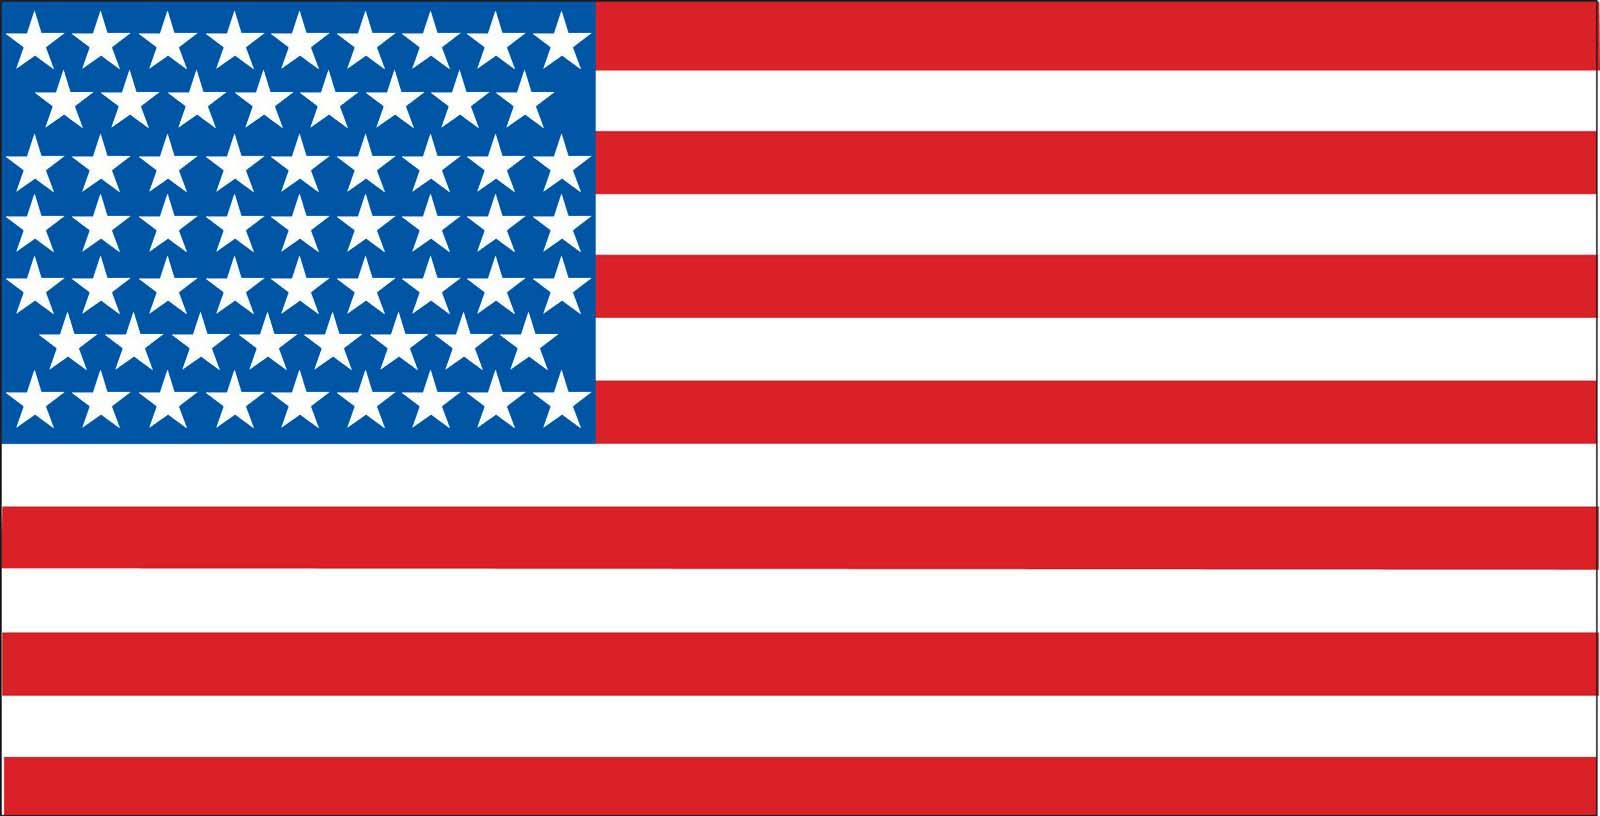 Flag Desktop Background: American Flag Desktop Background